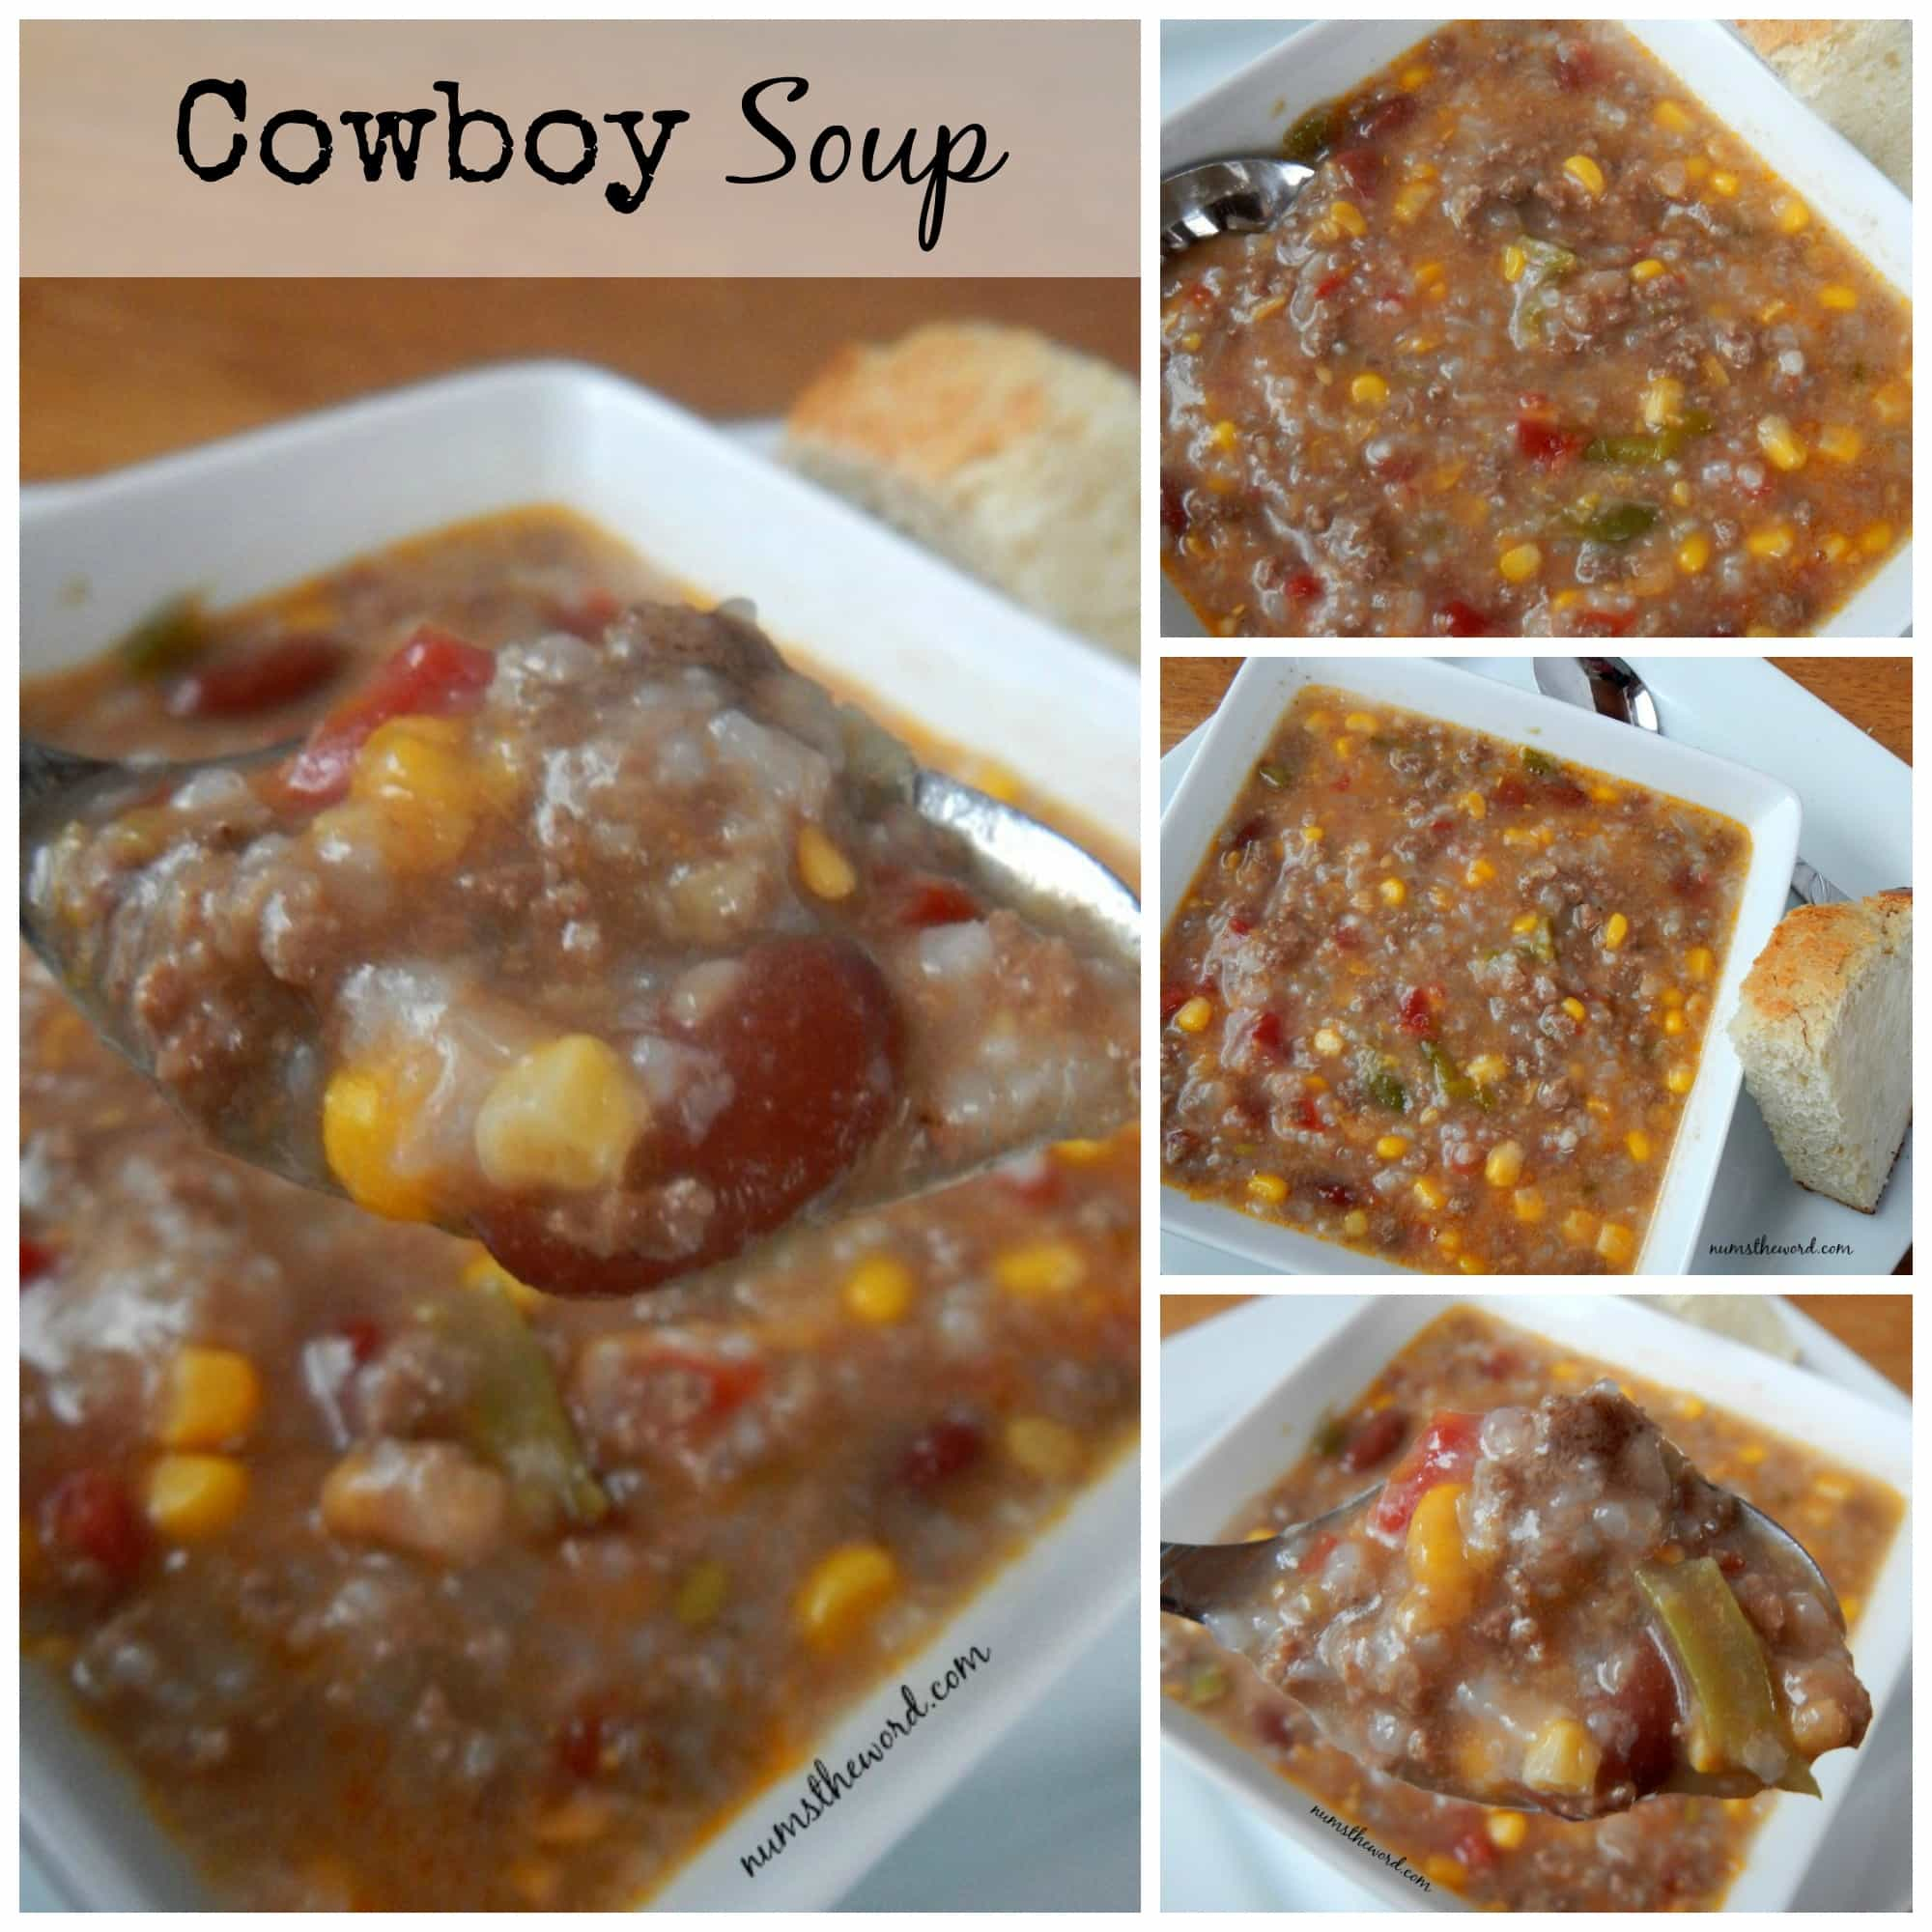 Cowboy Soup